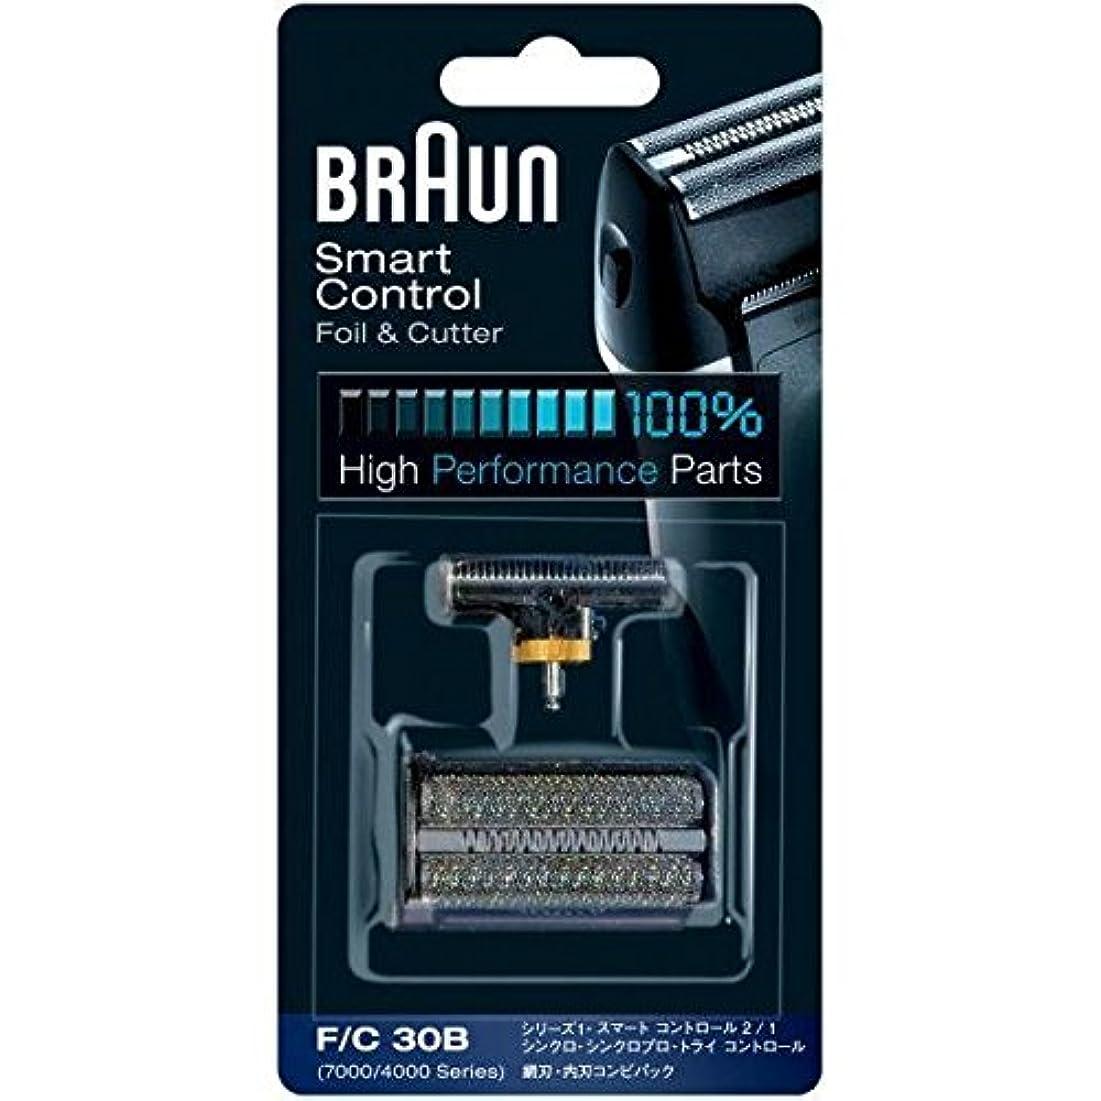 ヶ月目準備ができて日食BRAUN(ブラウン) シェーバー 替刃(網刃+内刃セット) F/C30B